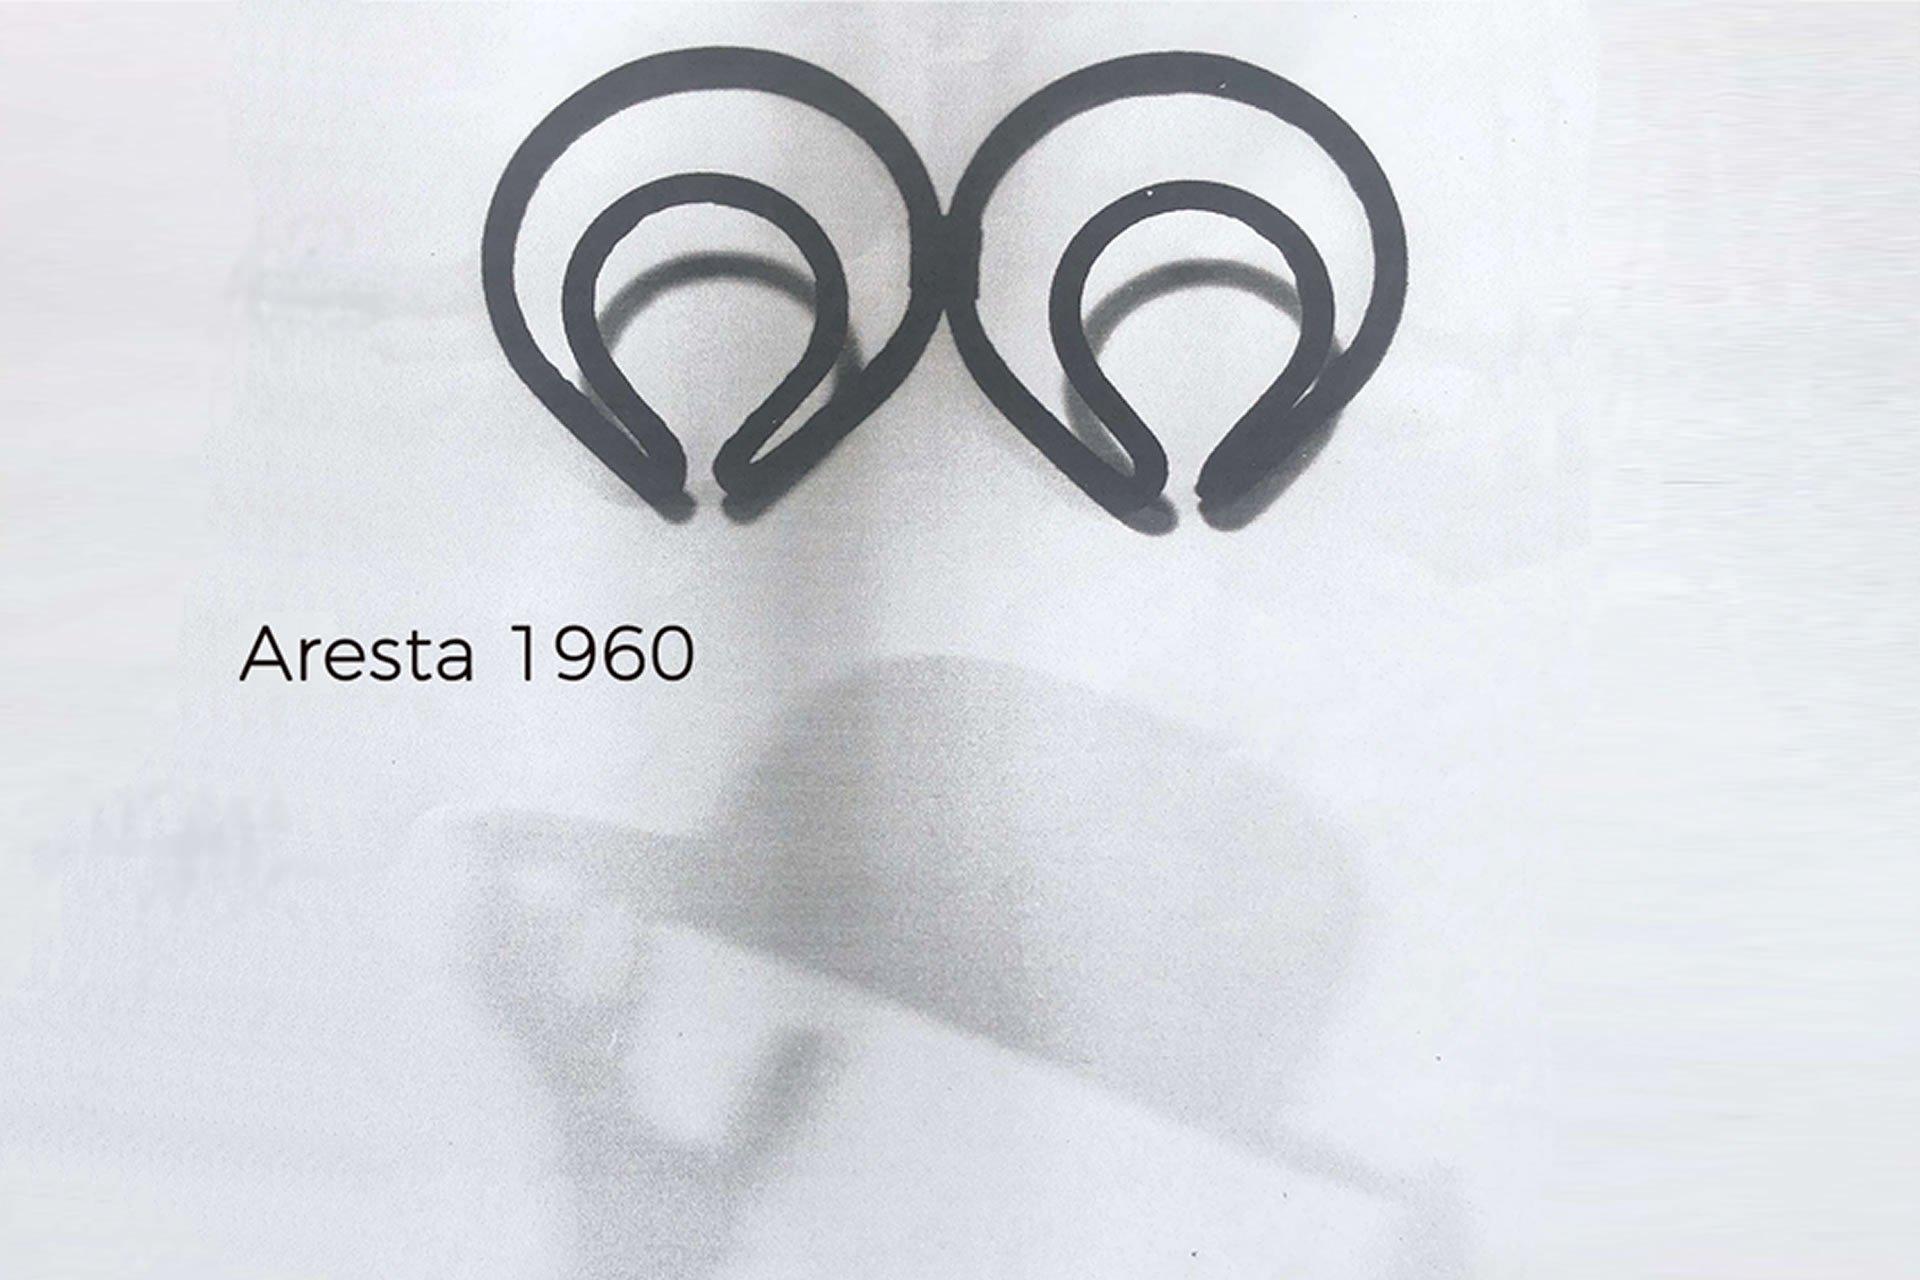 Perchero 201 Aresta 1960